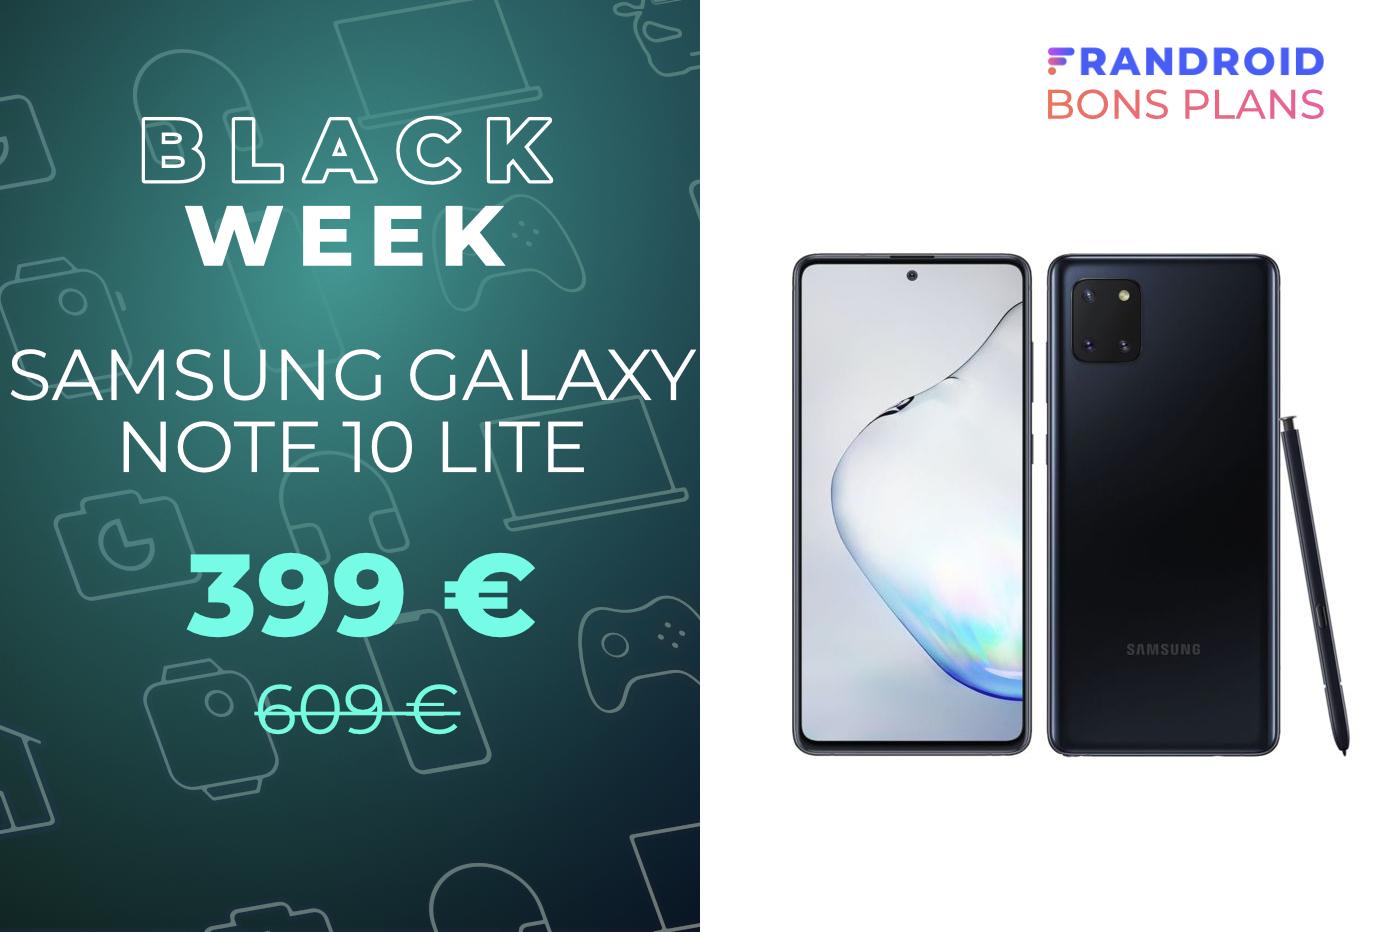 Le prix du Samsung Galaxy Note 10 Lite ne dépasse plus les 400 €